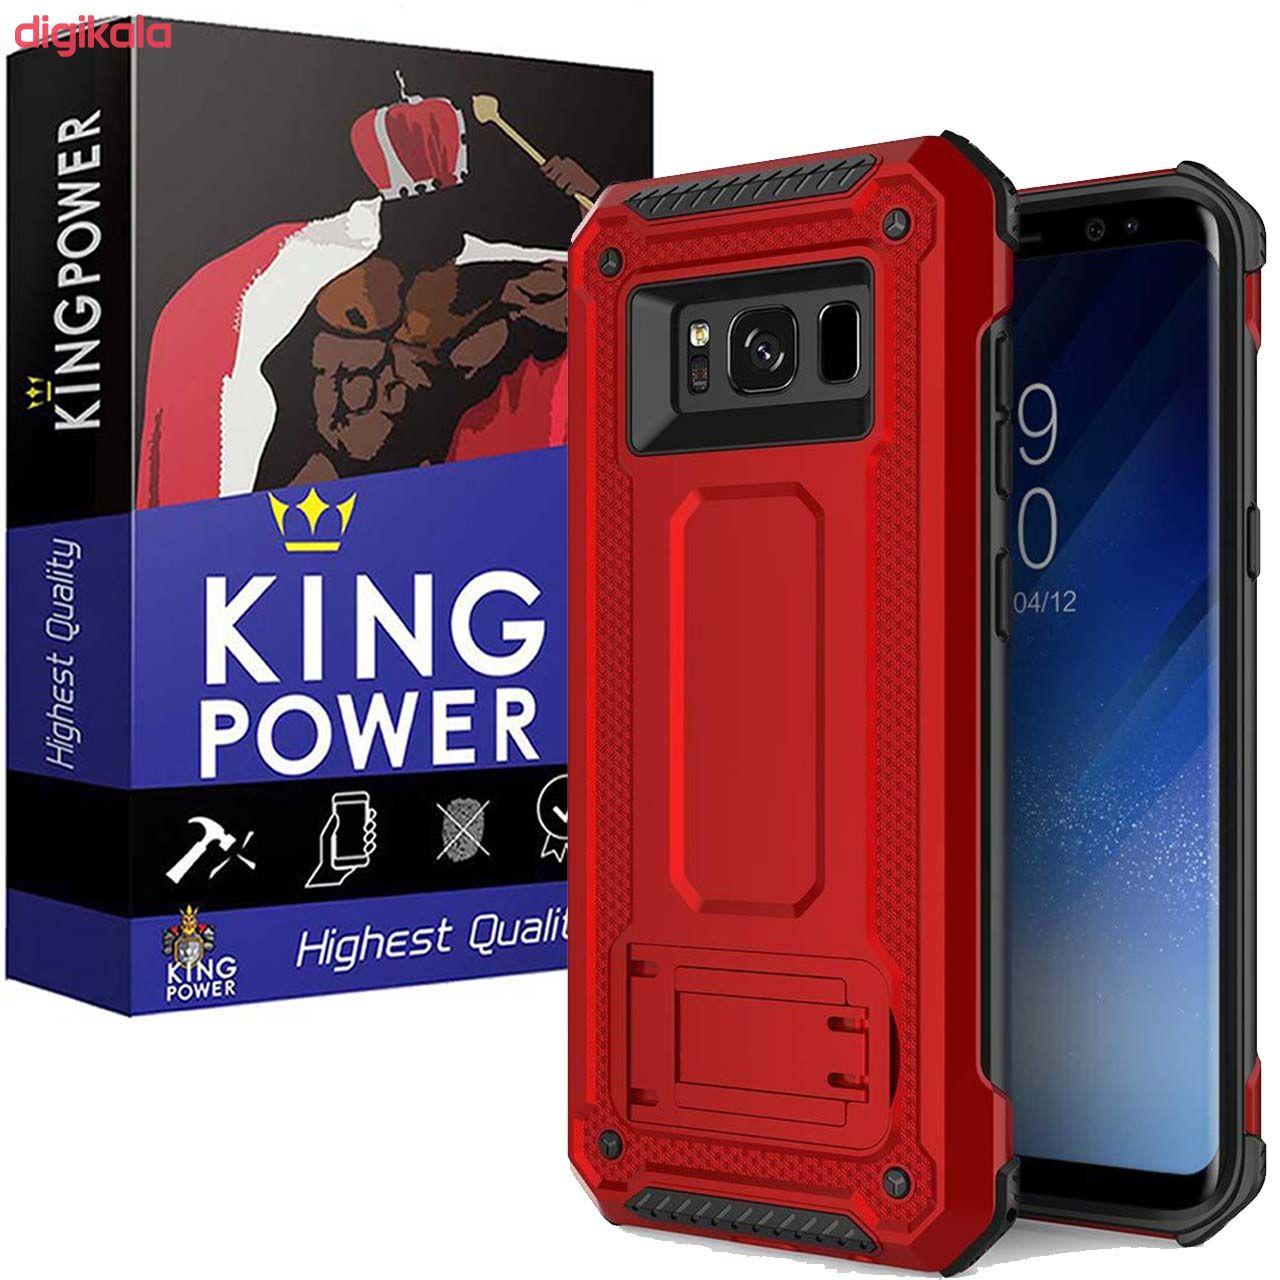 کاور کینگ پاور مدل W21 مناسب برای گوشی موبایل سامسونگ Galaxy S8 main 1 2